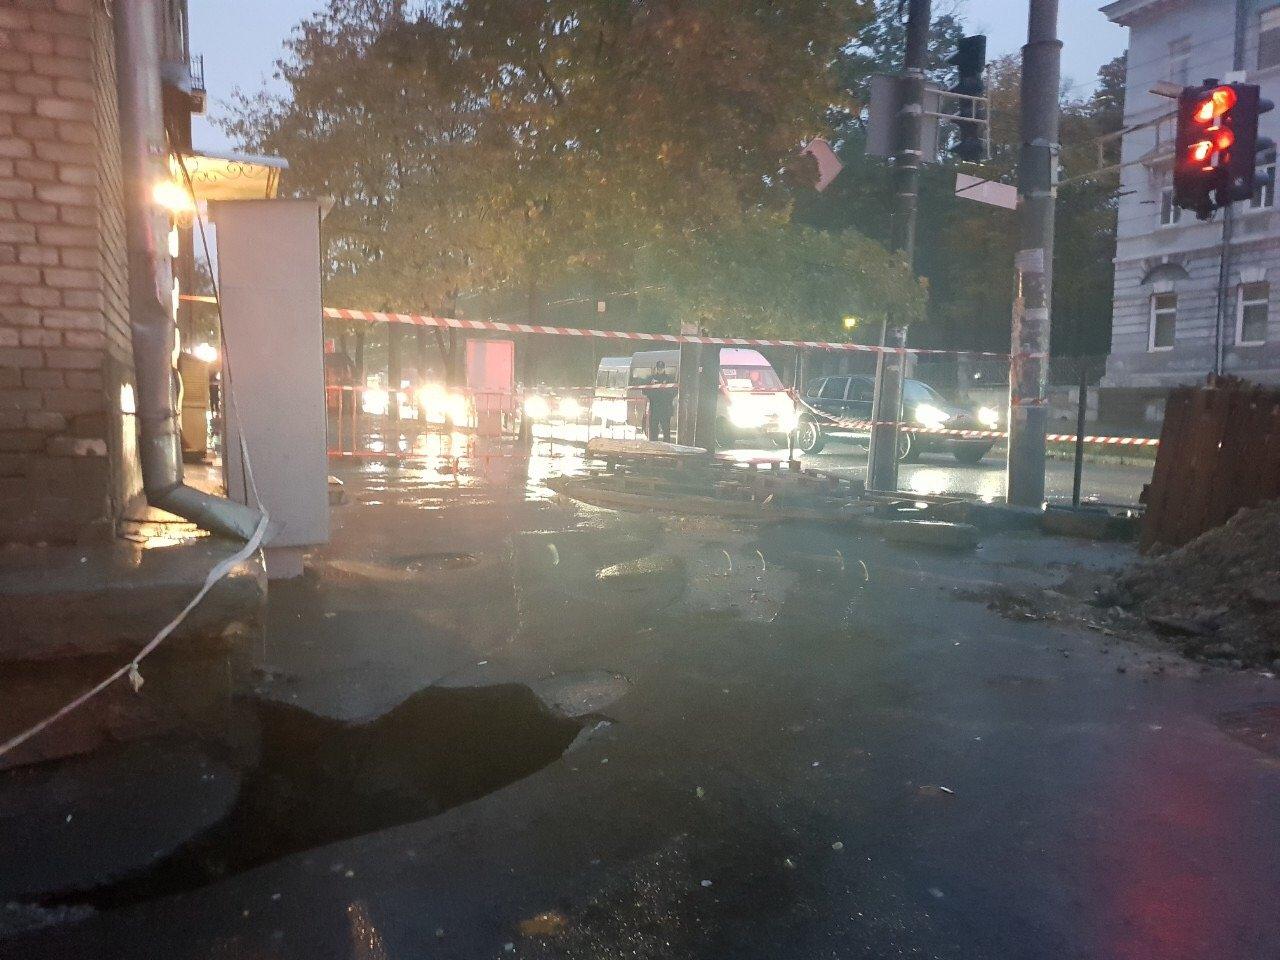 В Днепре треснула стена общежития, студентов эвакуировали: завтра перекроют центральный проспект, - ФОТО, фото-1